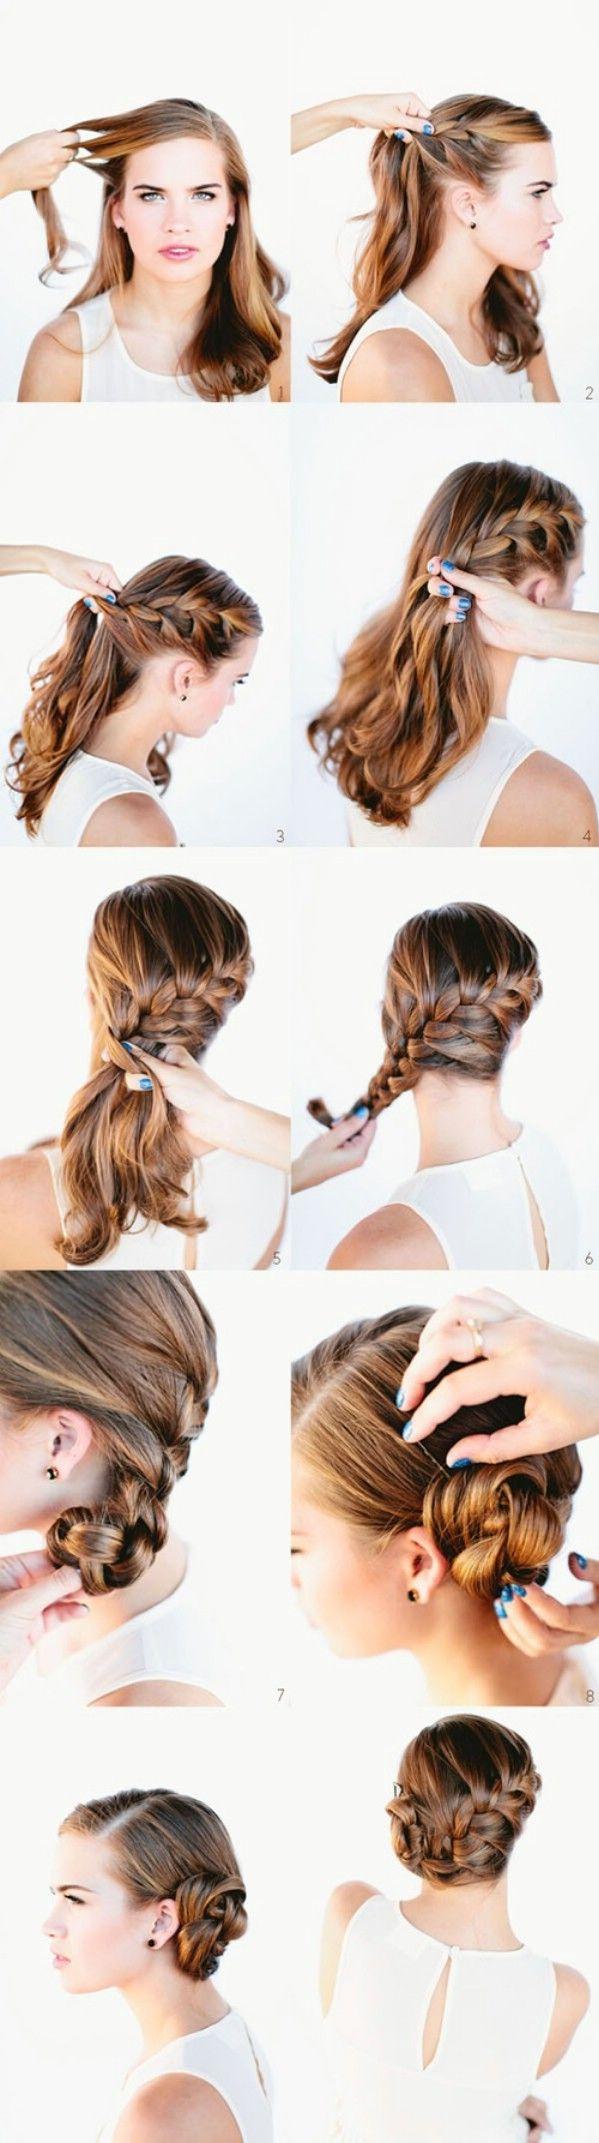 Conoce estos hermosos peinados paso a paso para cabello corto, ¡te verás perfecta en toda ocasión!